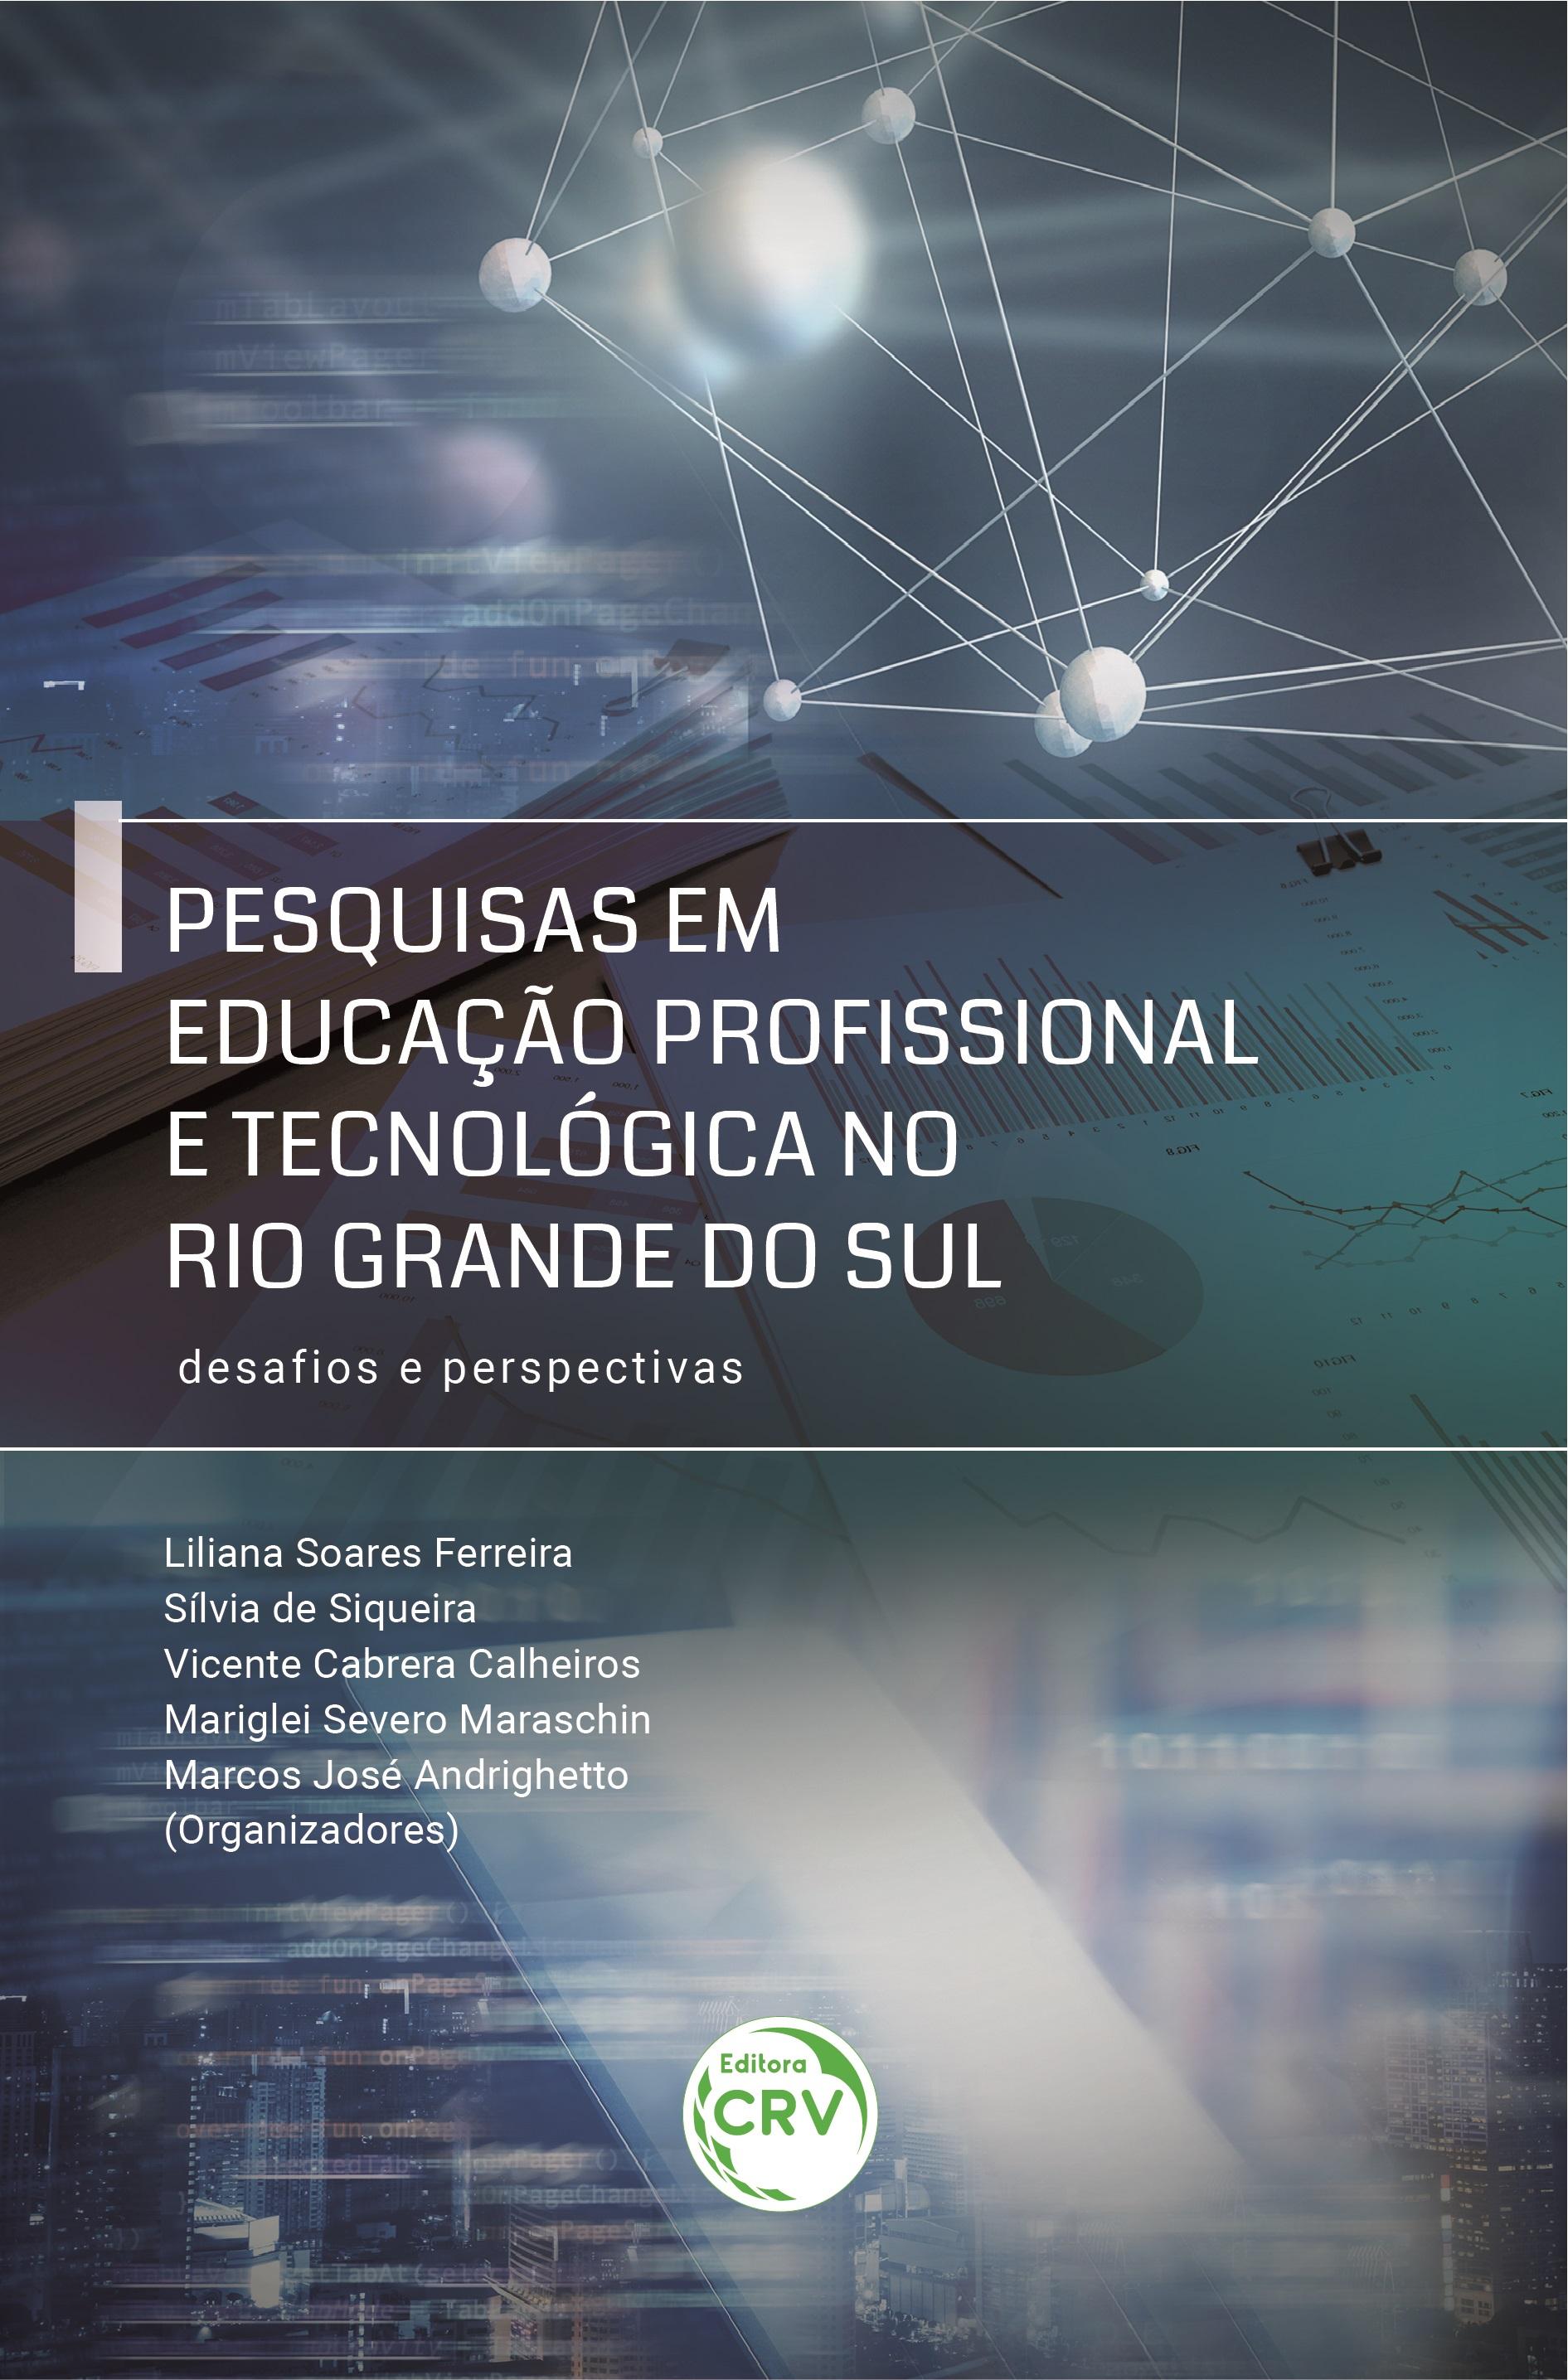 Capa do livro: PESQUISAS EM EDUCAÇÃO PROFISSIONAL E TECNOLÓGICA NO RIO GRANDE DO SUL:<br> desafios e perspectivas